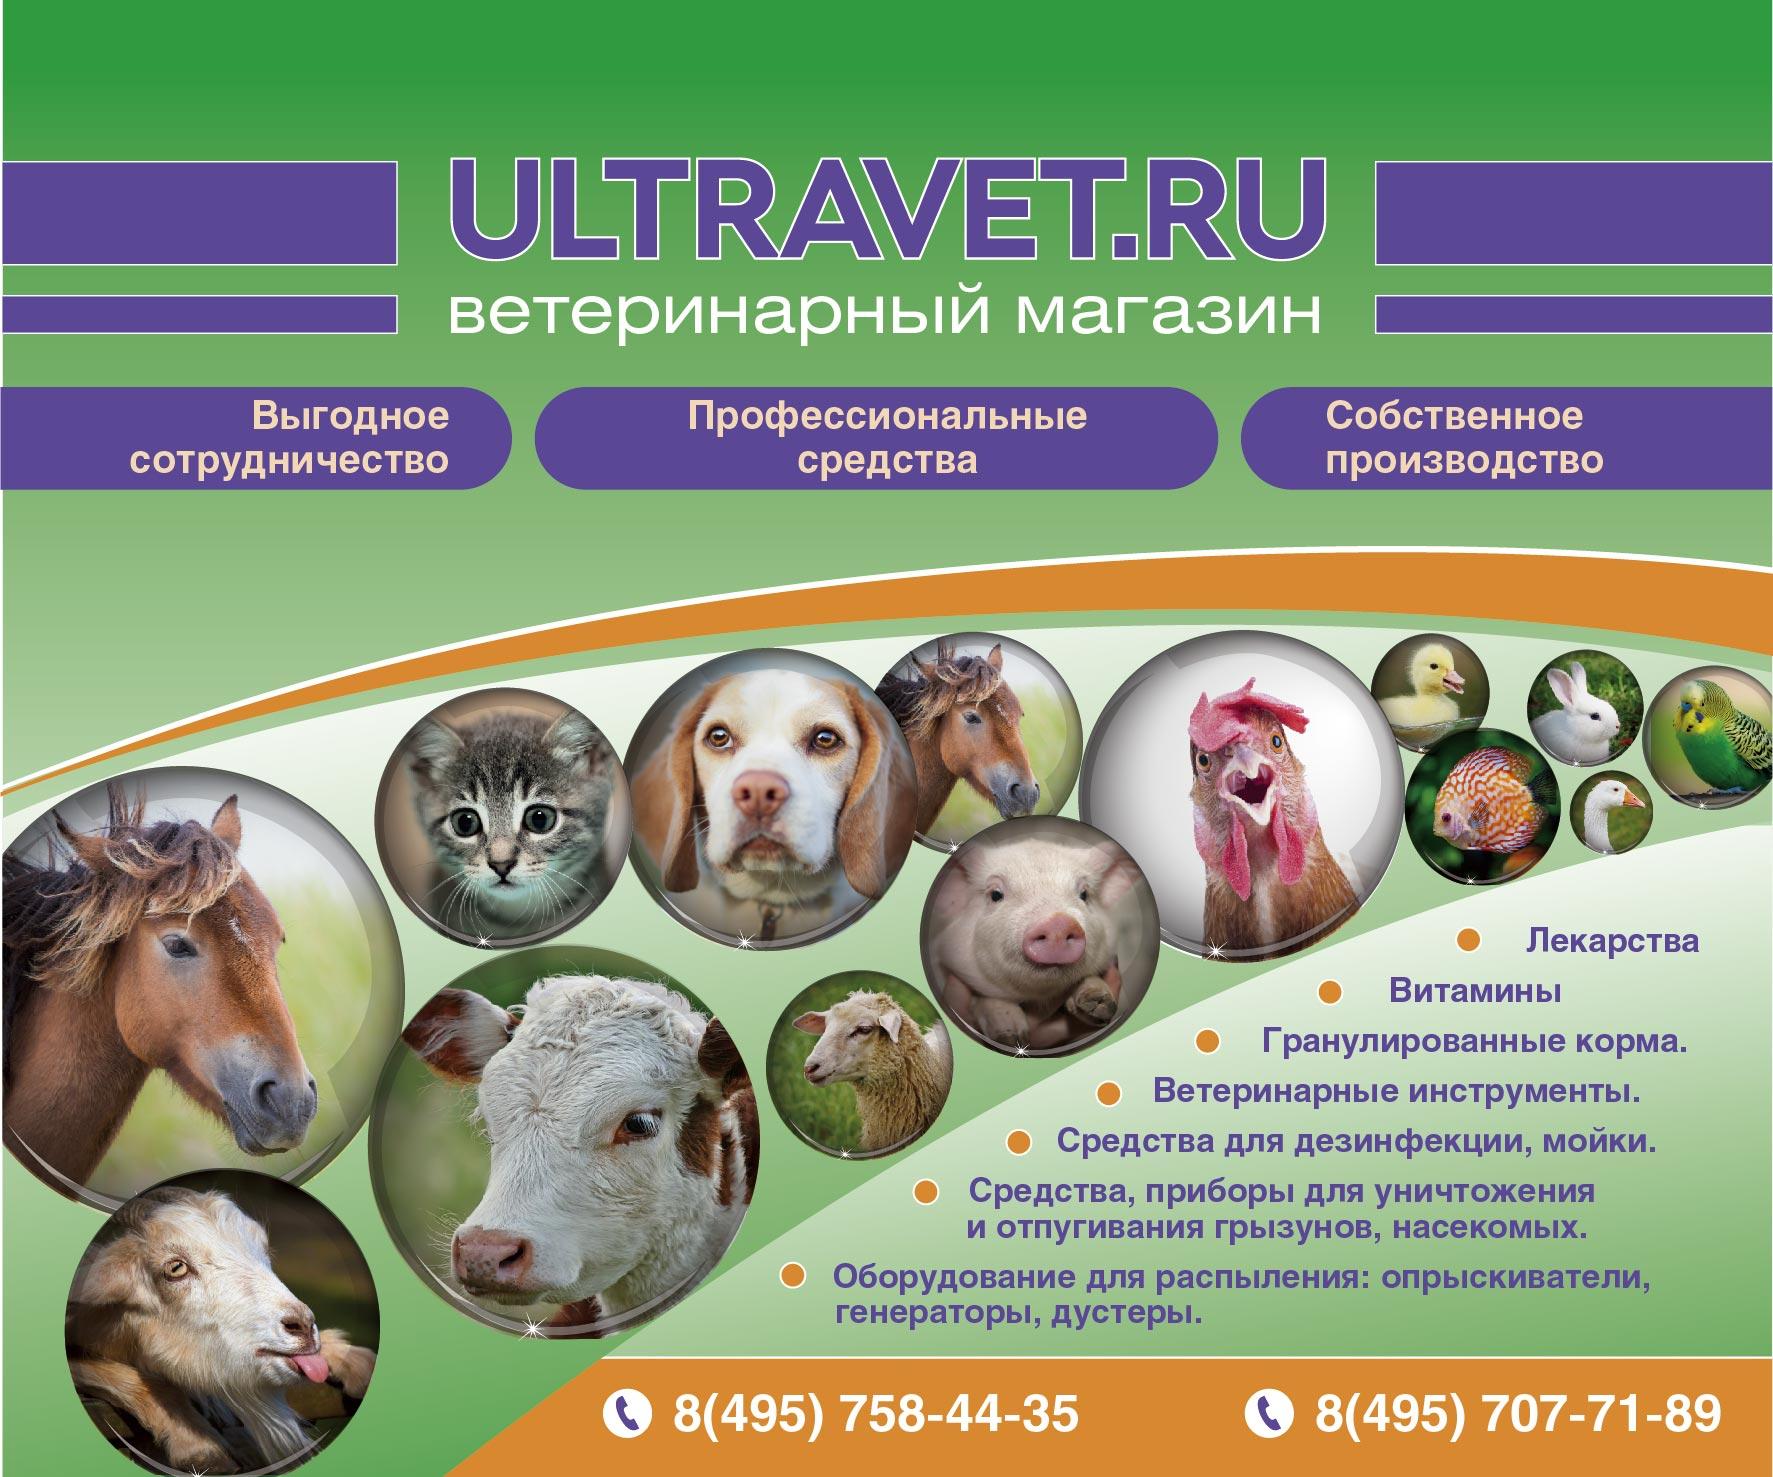 Постер в вктеринарном магазине